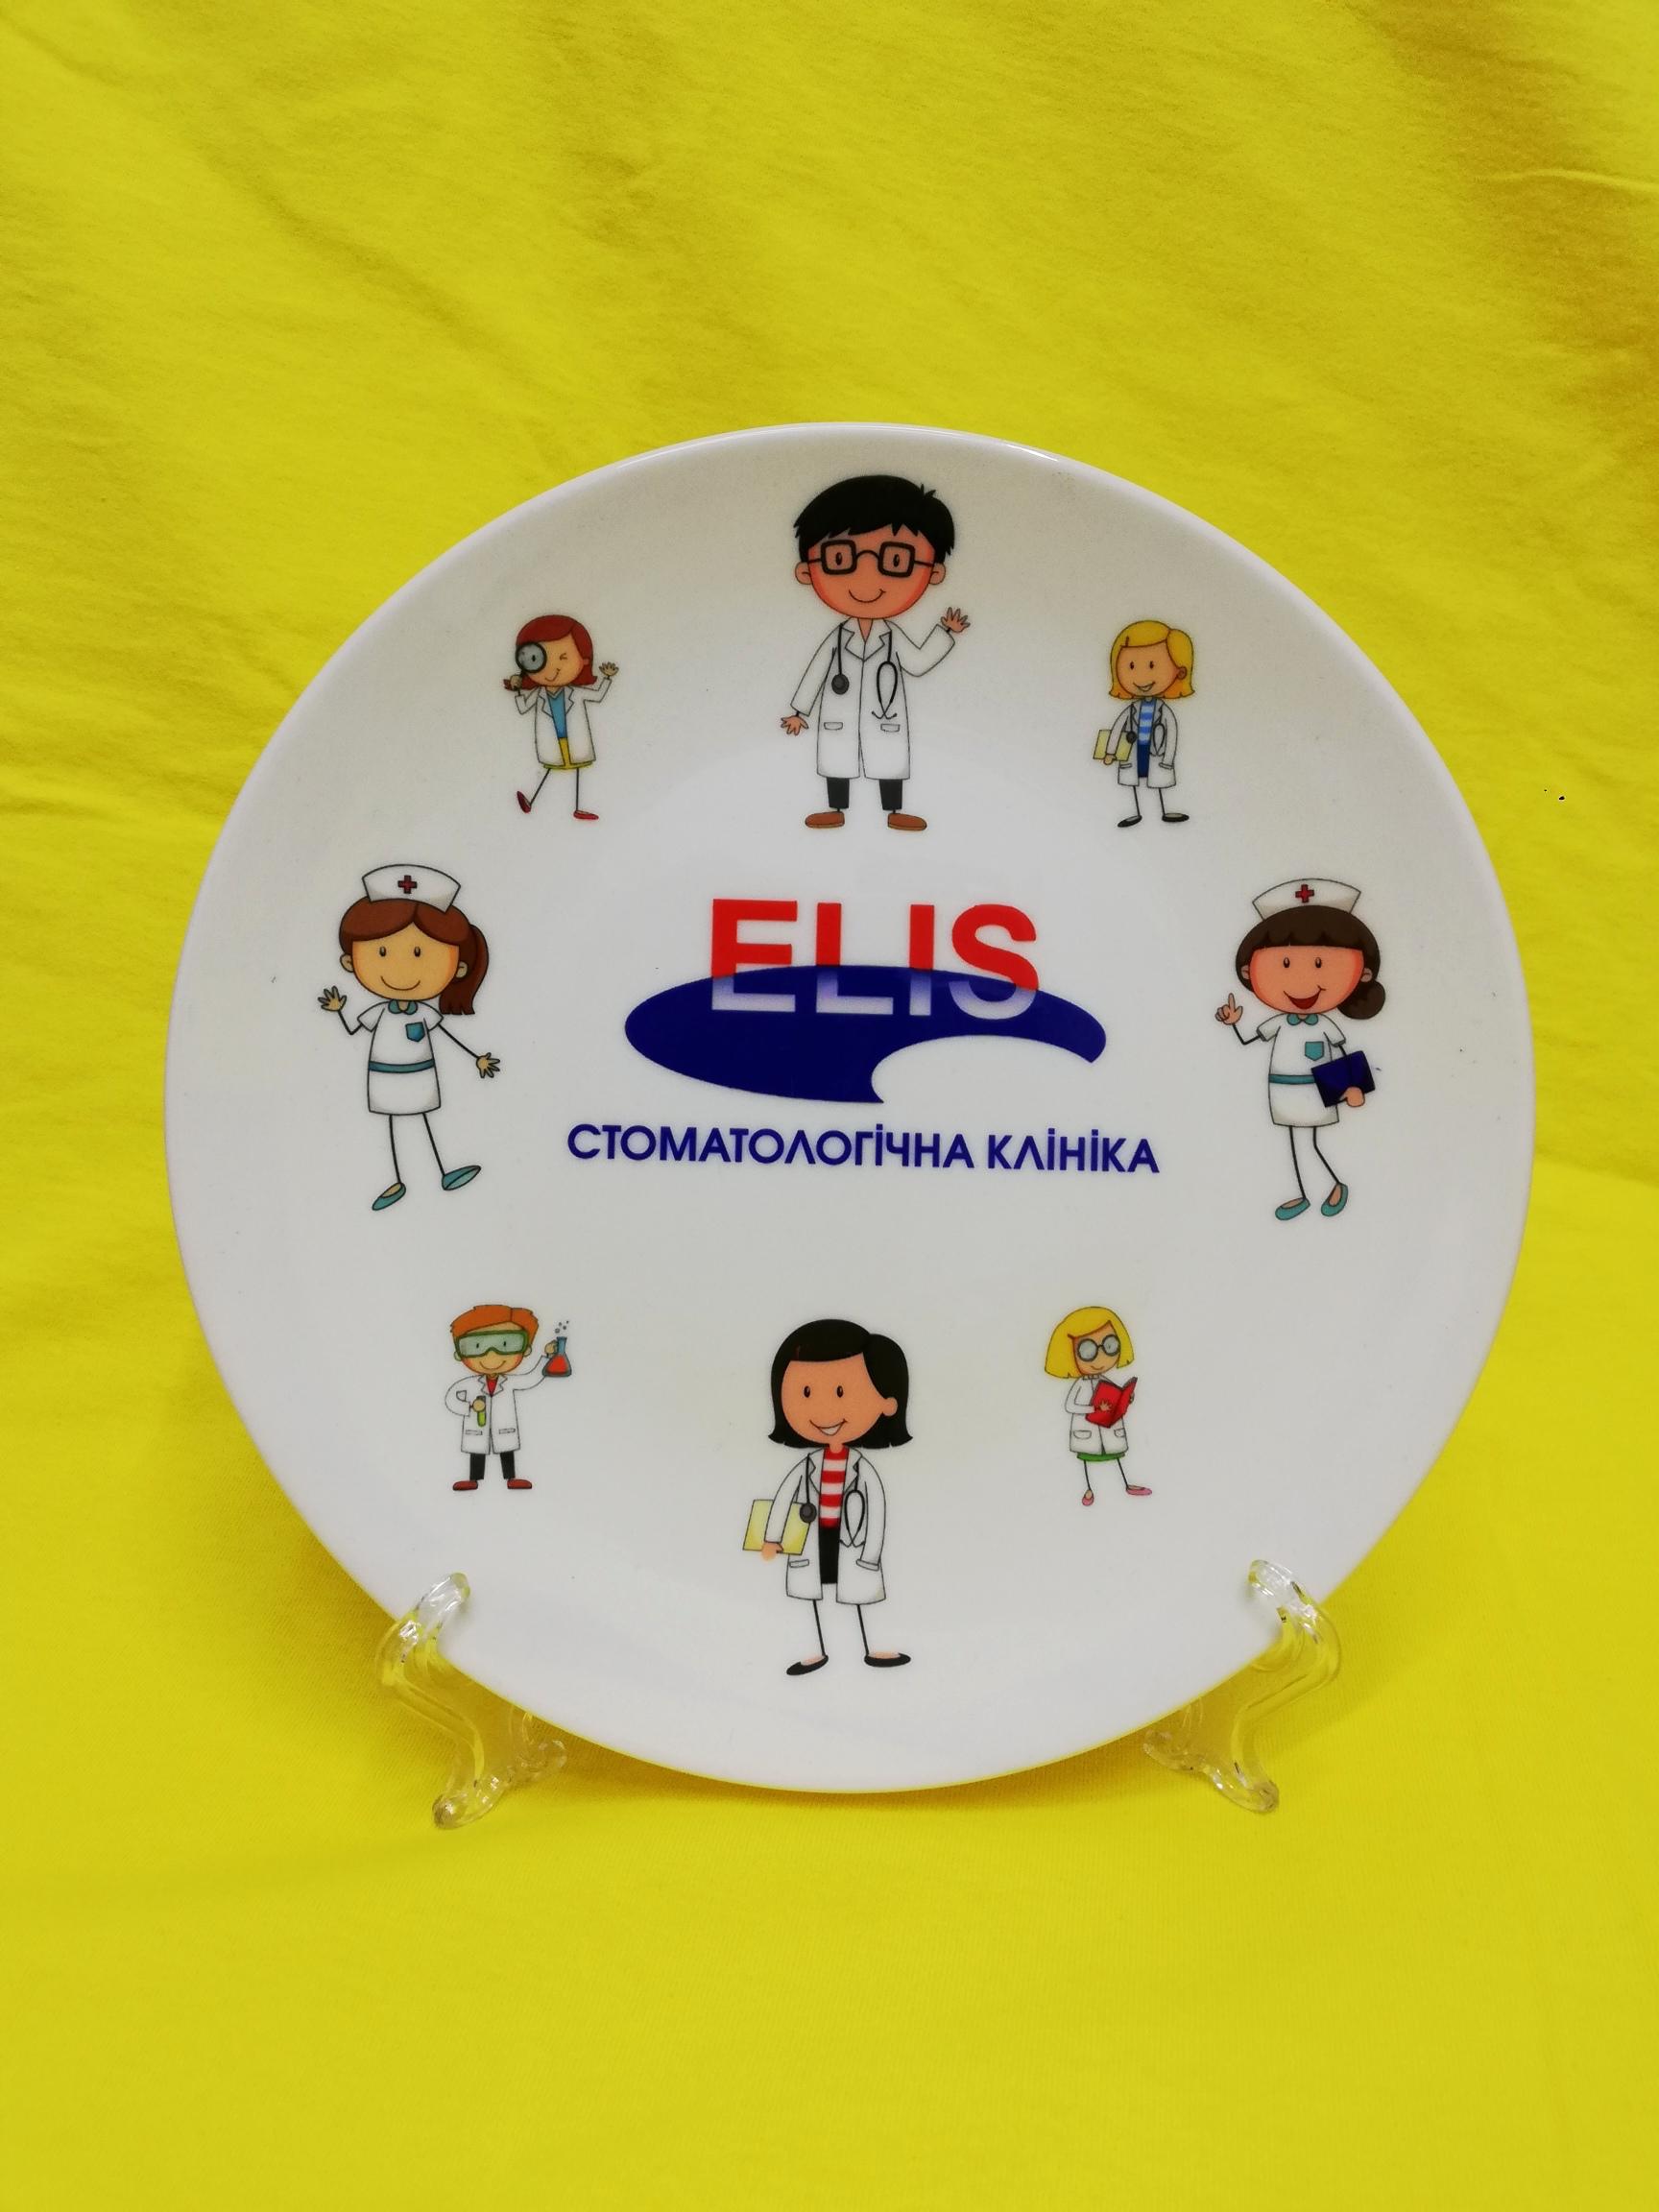 Тарелка Elis. Тарелка для стоматологической клиники. Печать на тарелках Киев. Печать на тарелке. Стильная печать. Печать для клиники. Подарок другу.